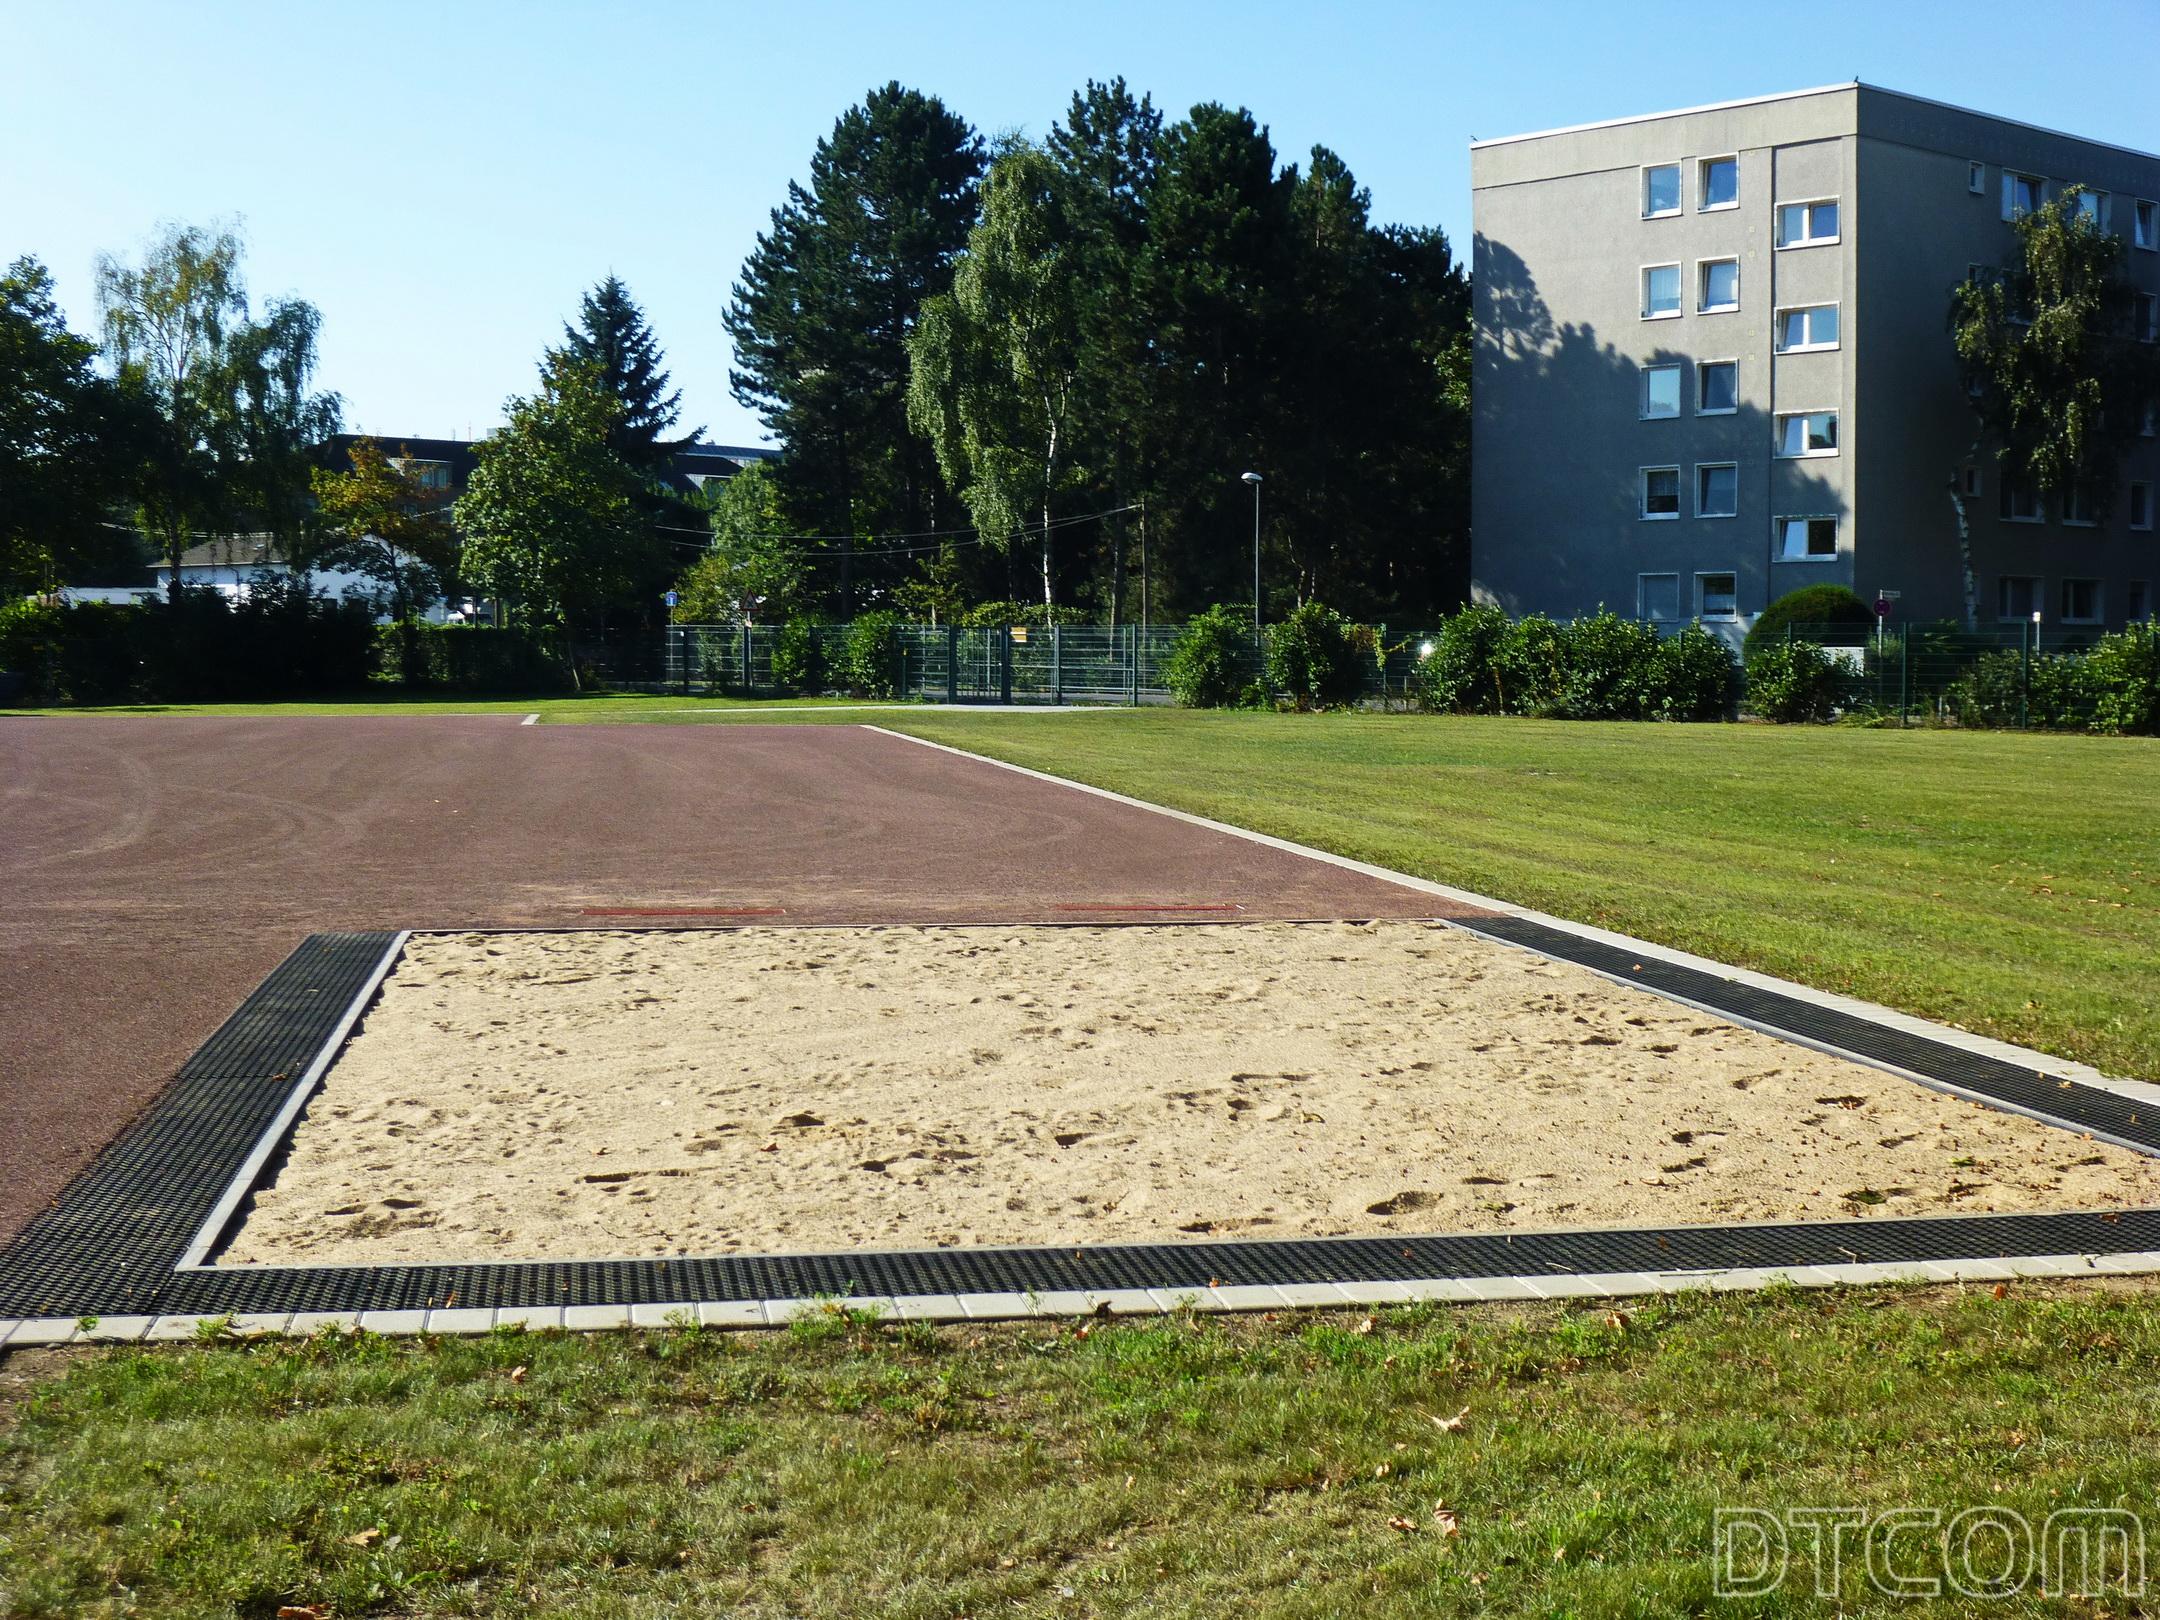 Knopf zu Sportplatz, Knopf zu Tennenplatz, Sportplatz, Sprunggrube, Knopf zu Sprunggrube.